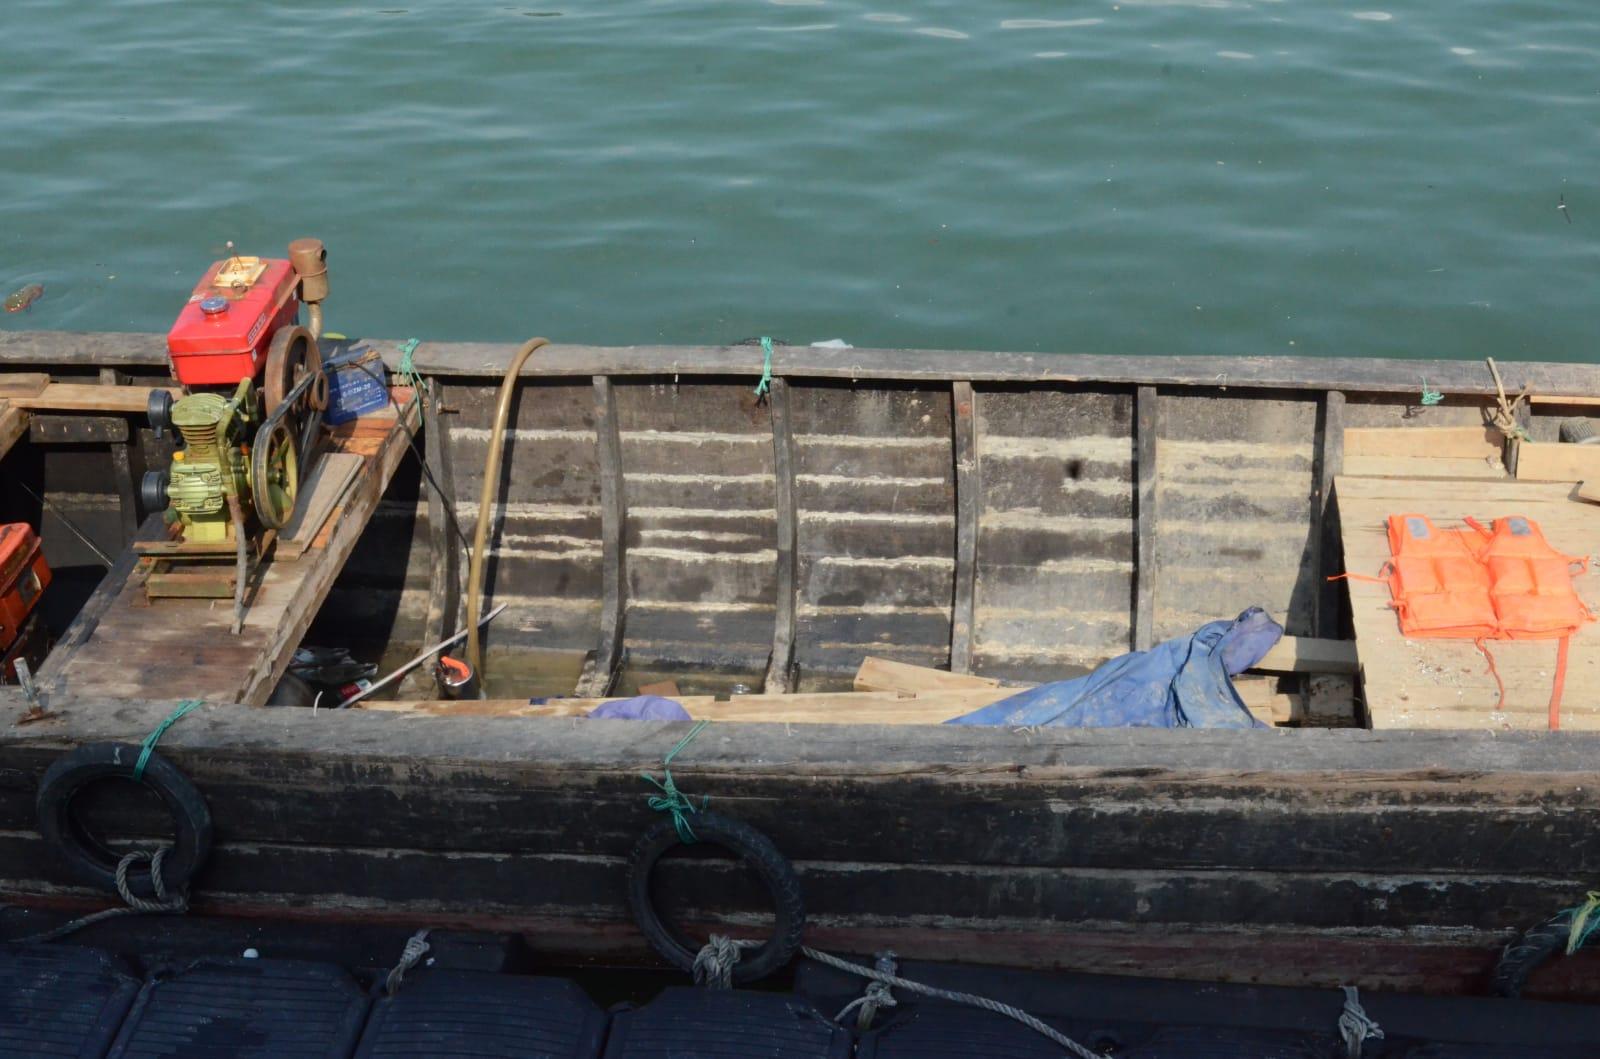 水警行動中拘捕10名非法入境者。